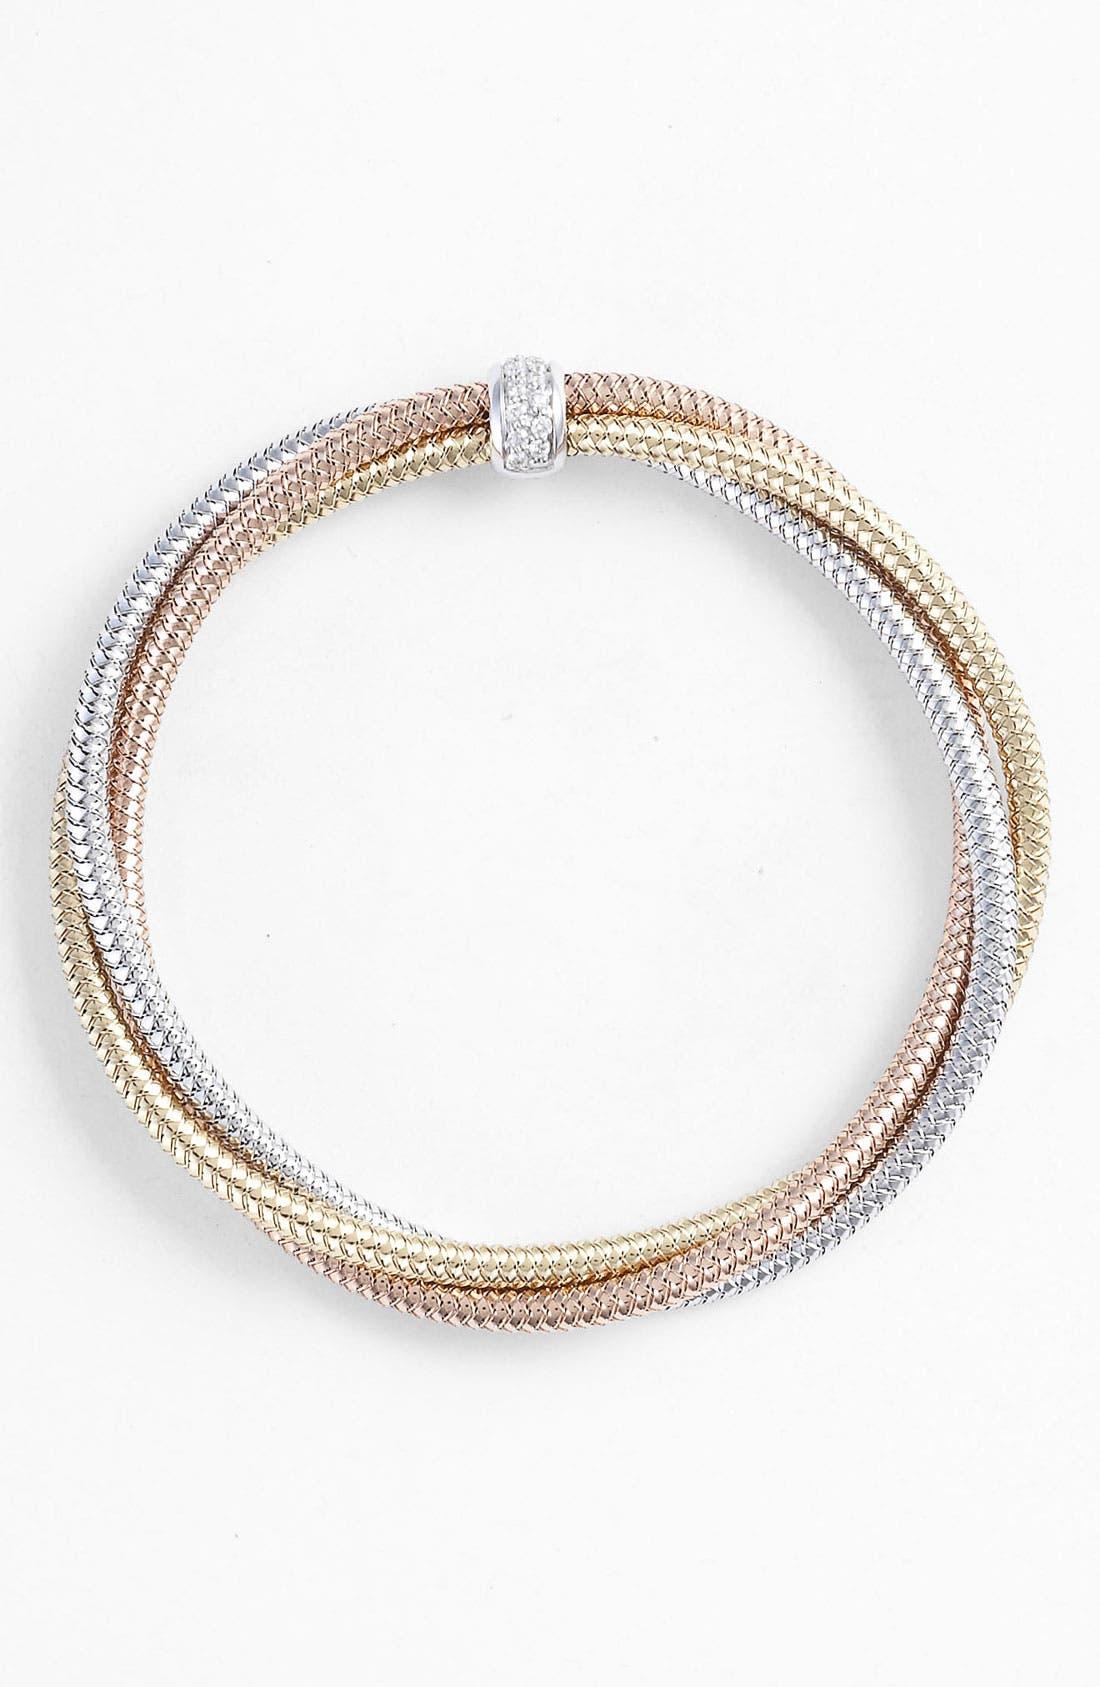 Alternate Image 1 Selected - Roberto Coin 'Mini Primavera' Triple Strand Diamond Bracelet